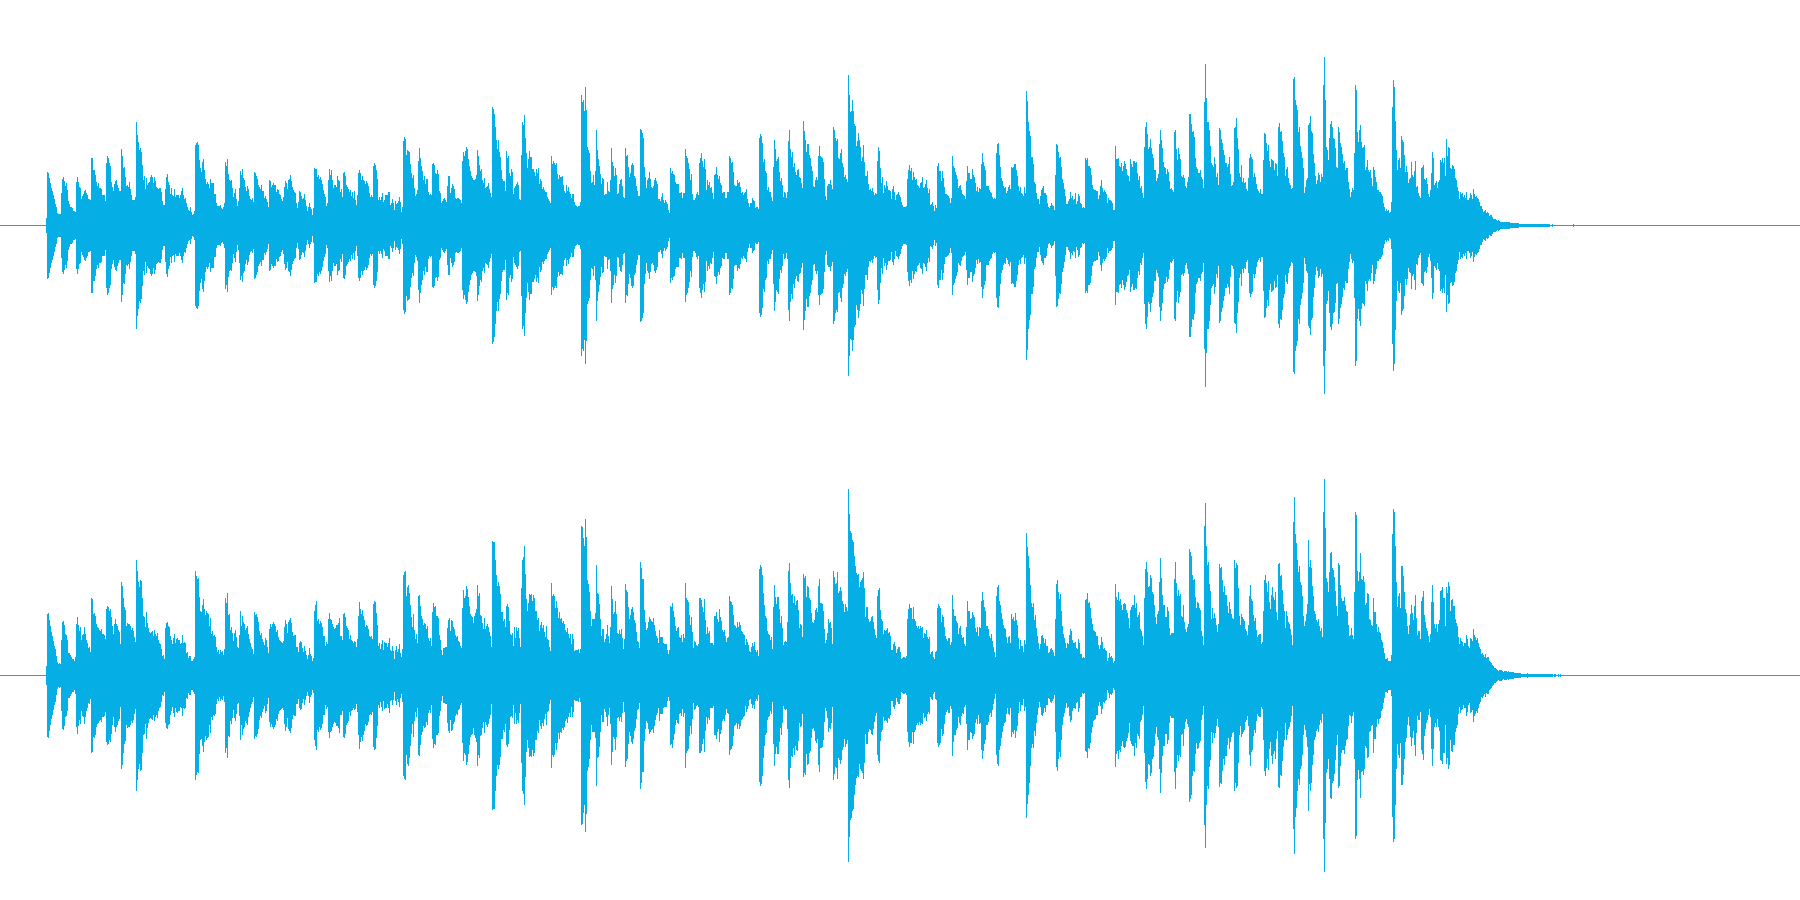 オープニングの幕開け用30秒のベルBGMの再生済みの波形